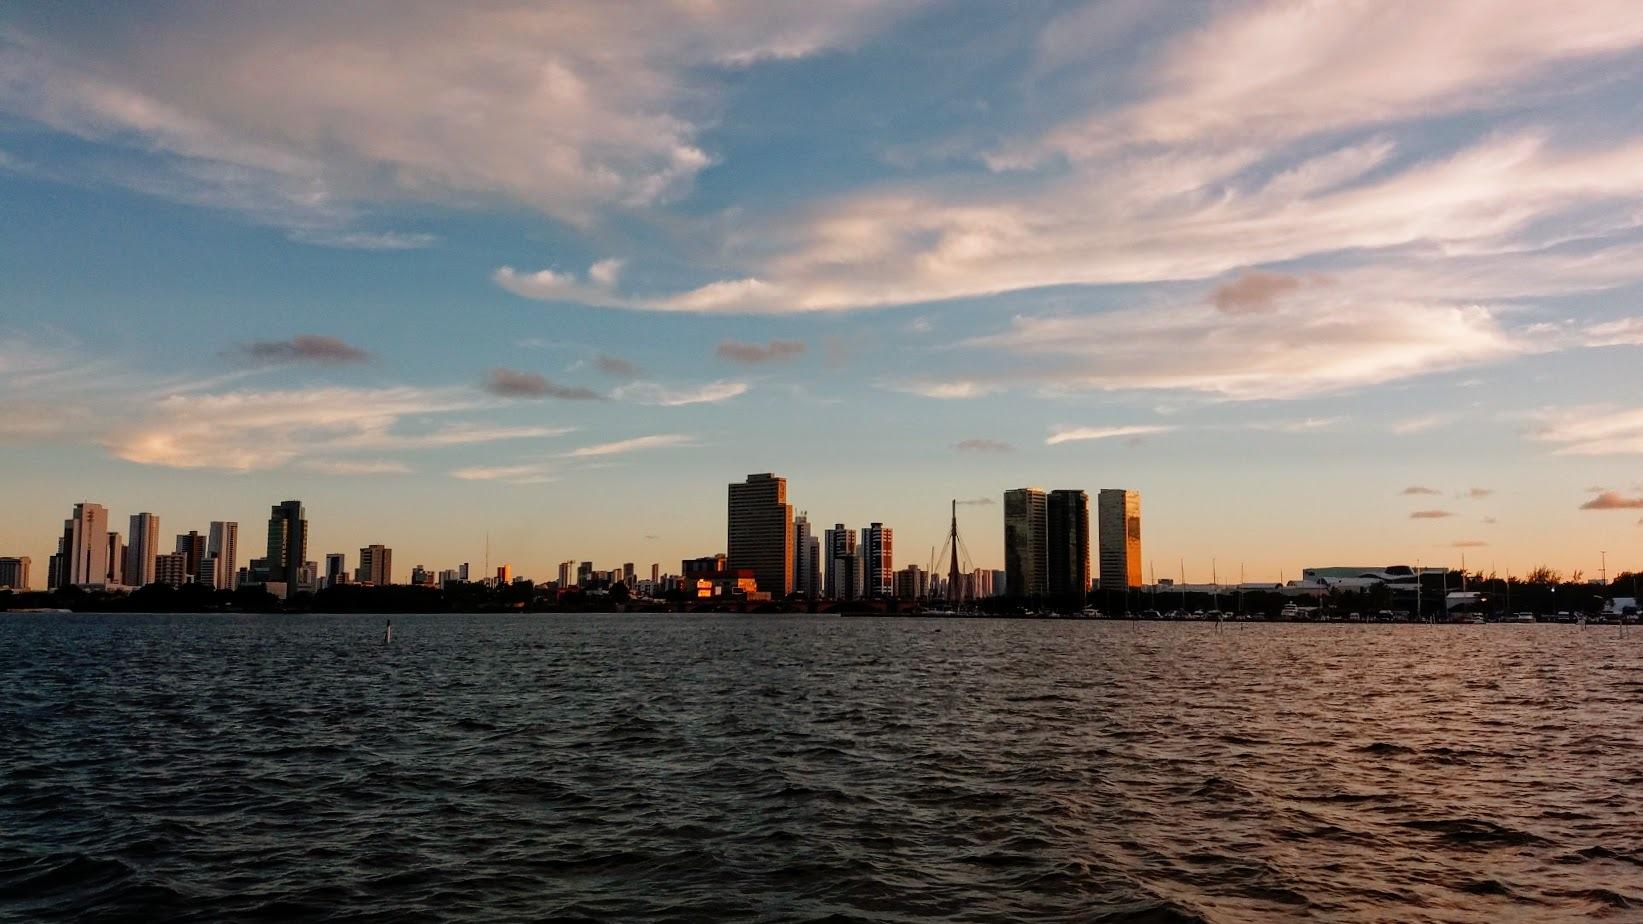 My City by Sonja